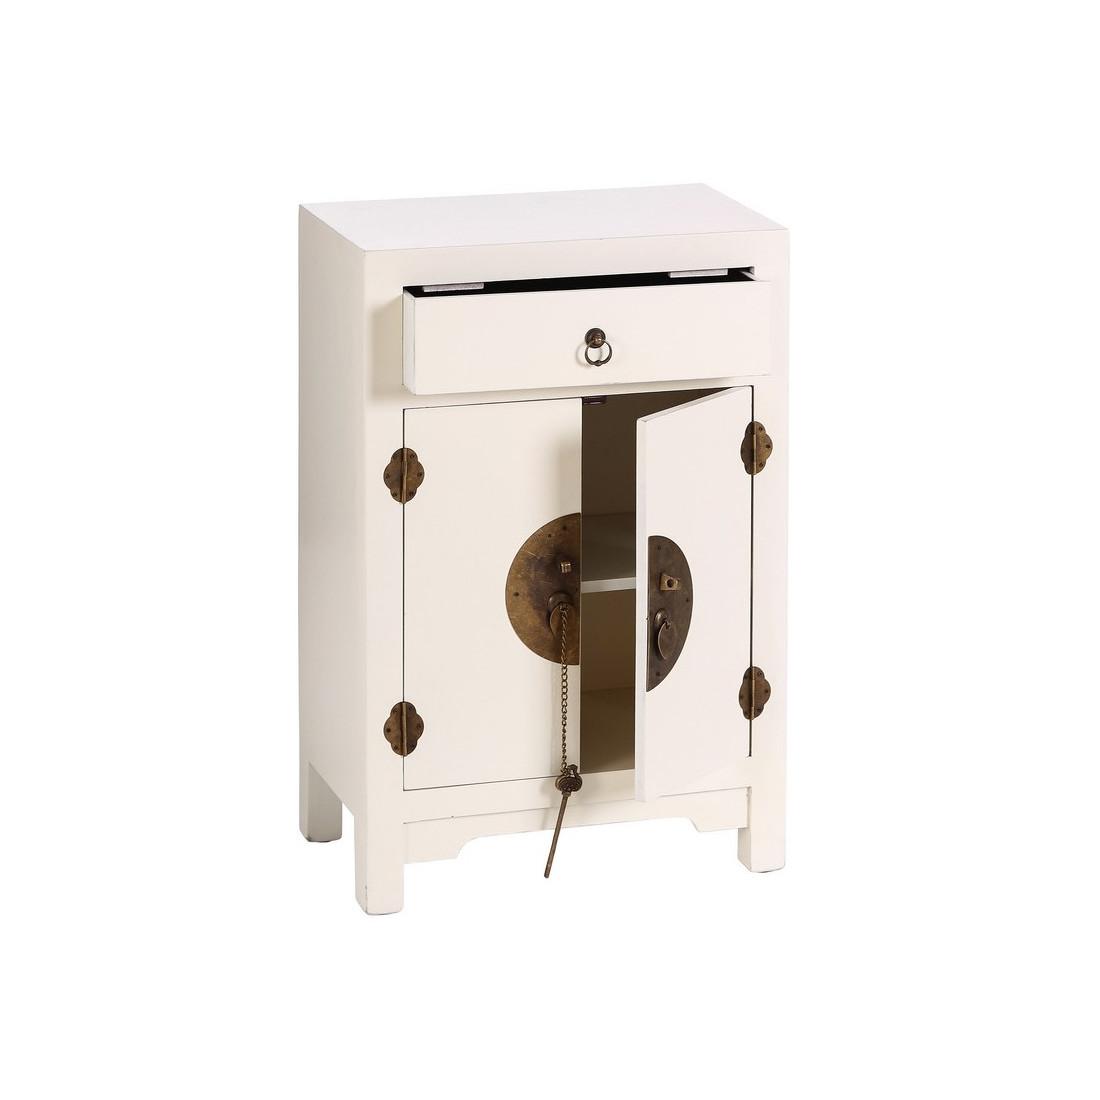 confiturier blanc meuble chinois pekin univers de la cuisine. Black Bedroom Furniture Sets. Home Design Ideas